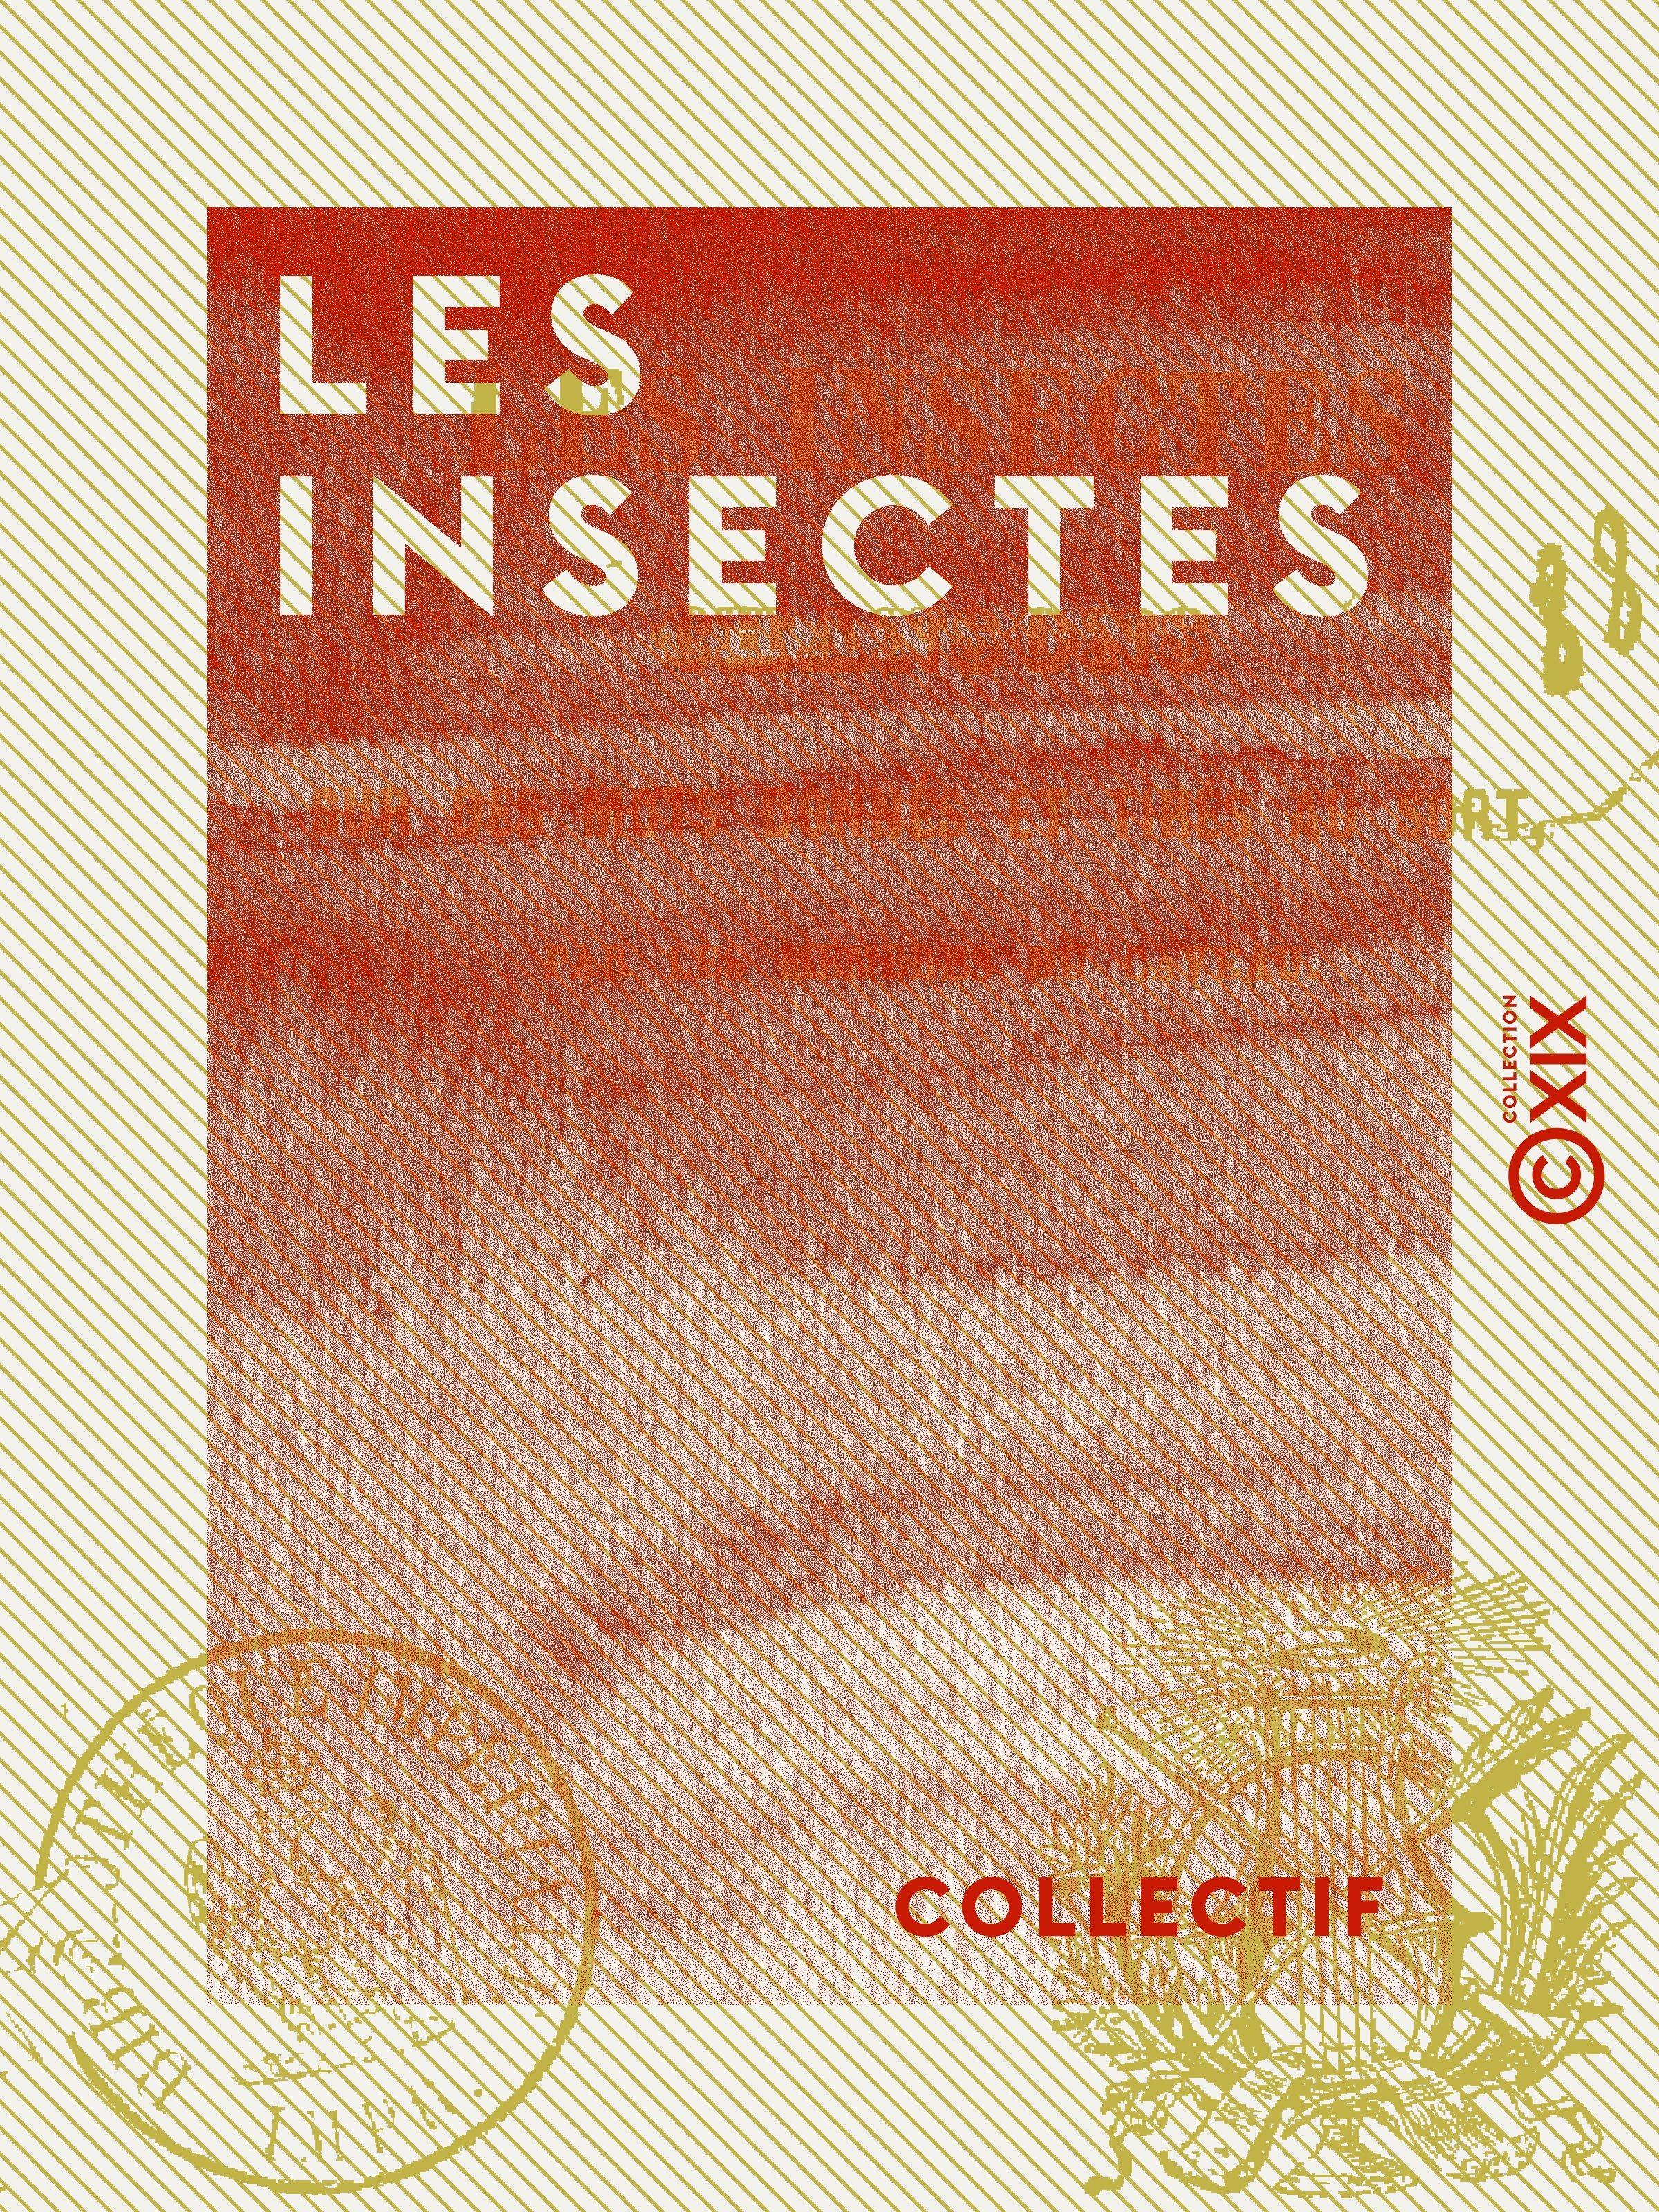 Les Insectes - Chansons sur des mots donnés et tirés au sort